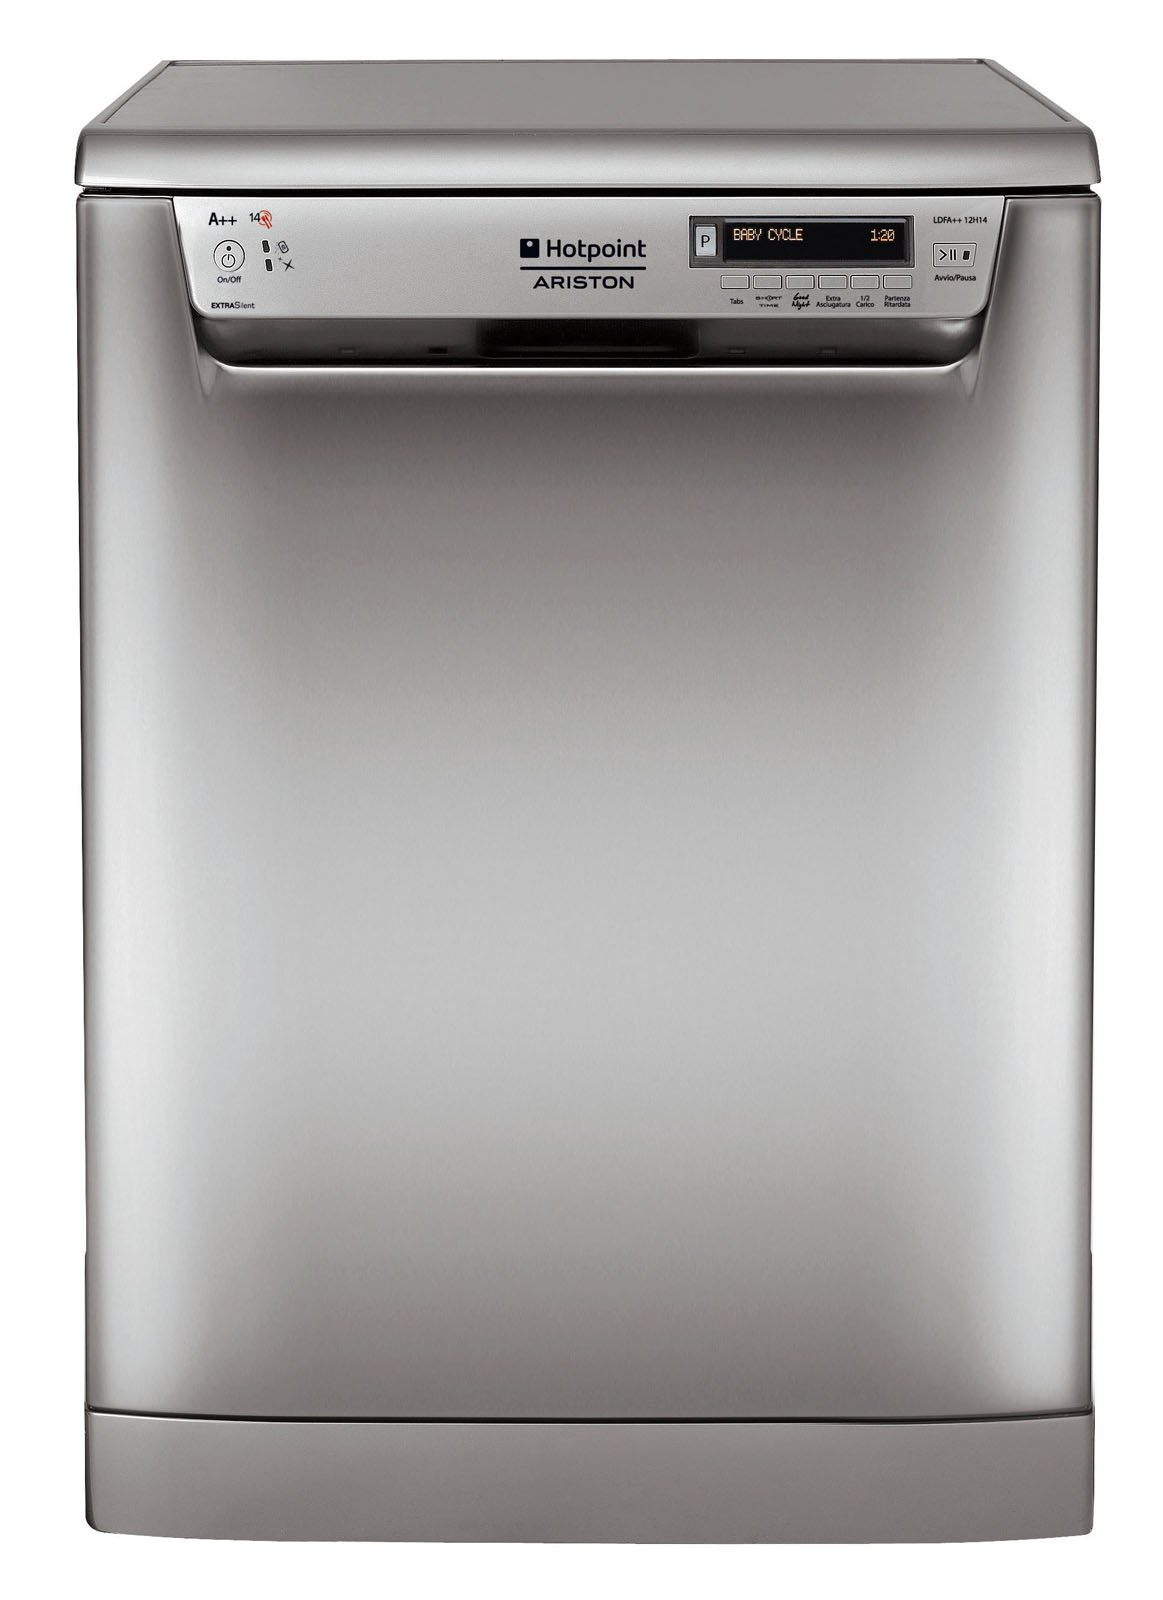 Lavaggio eco lavastoviglie whirlpool